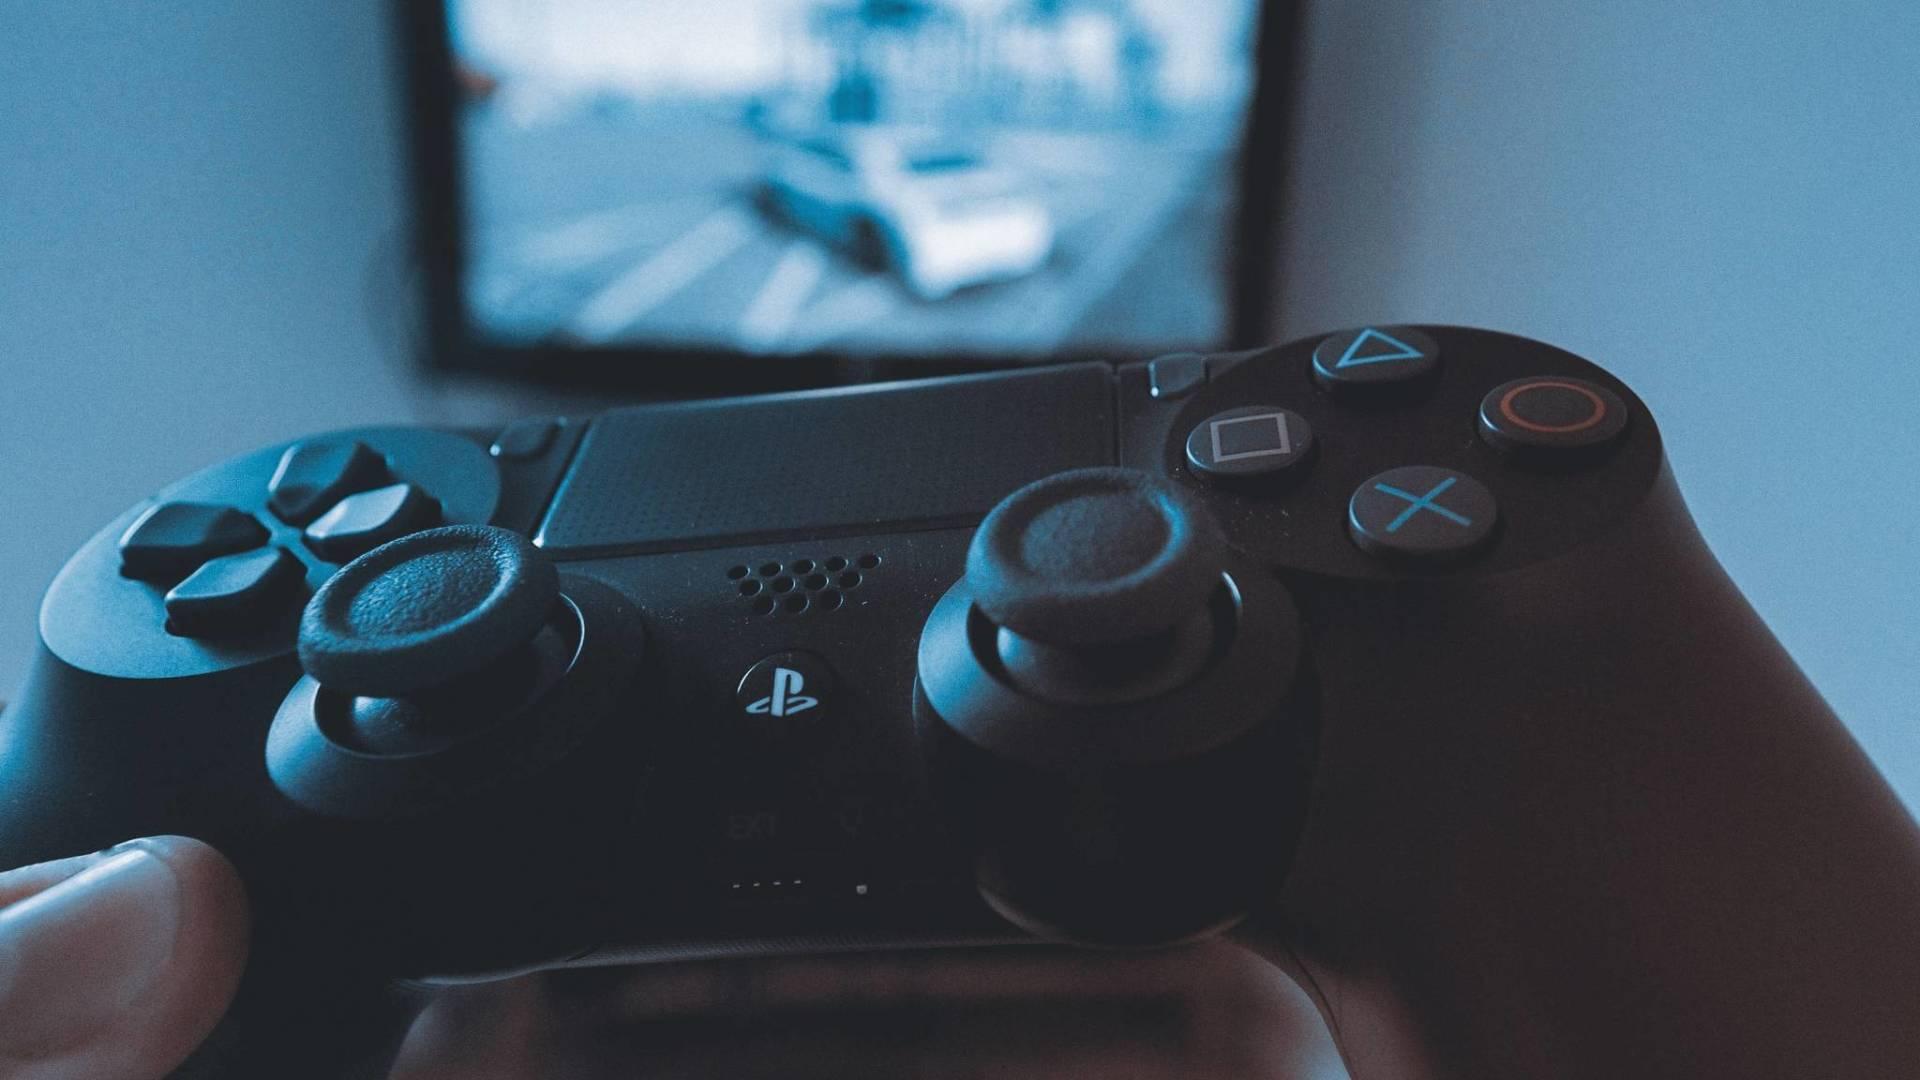 Come collegare il controller PS4 al PC